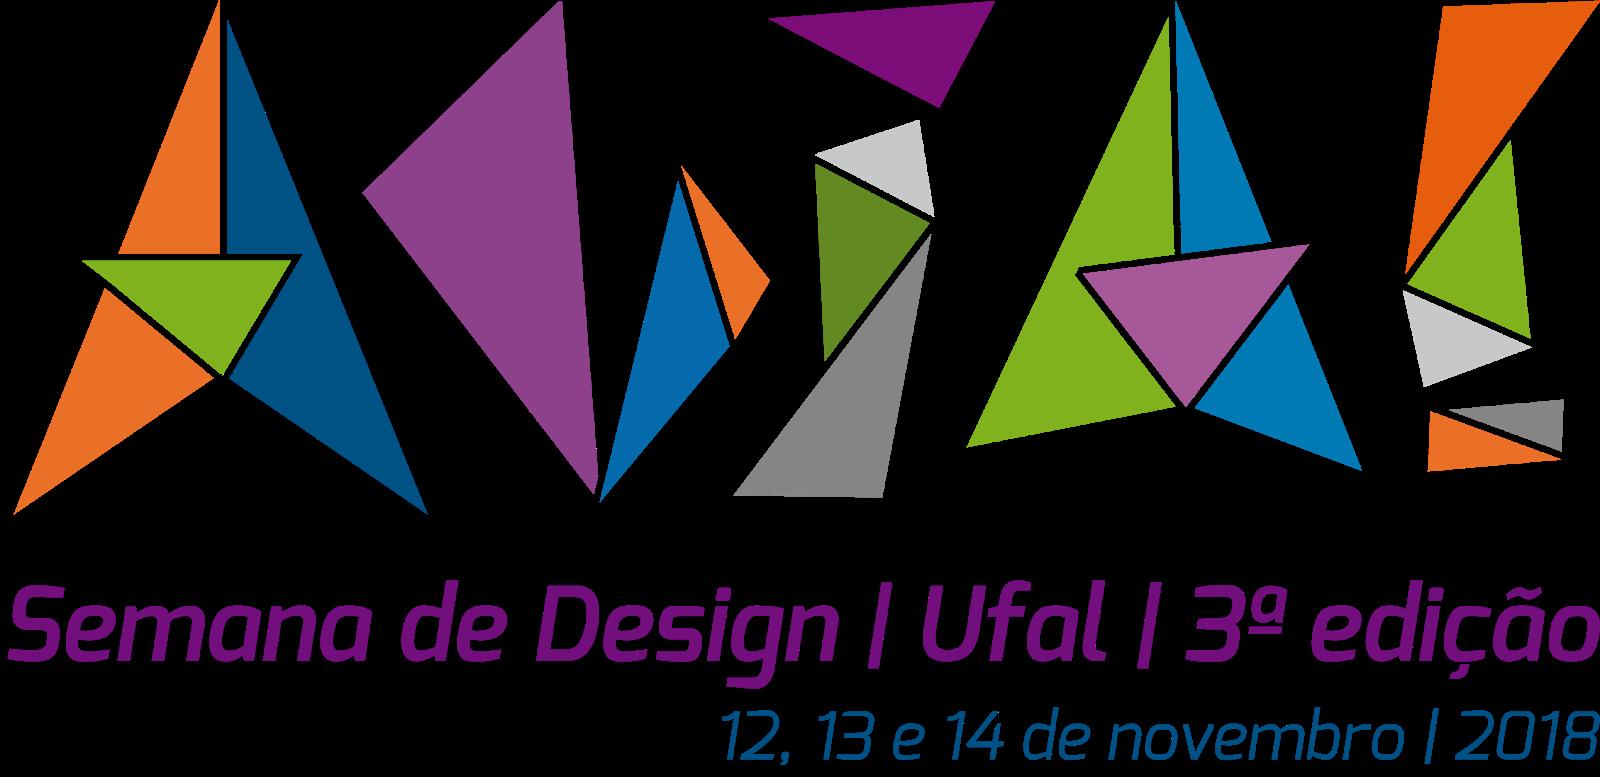 AVIA! Semana de Design